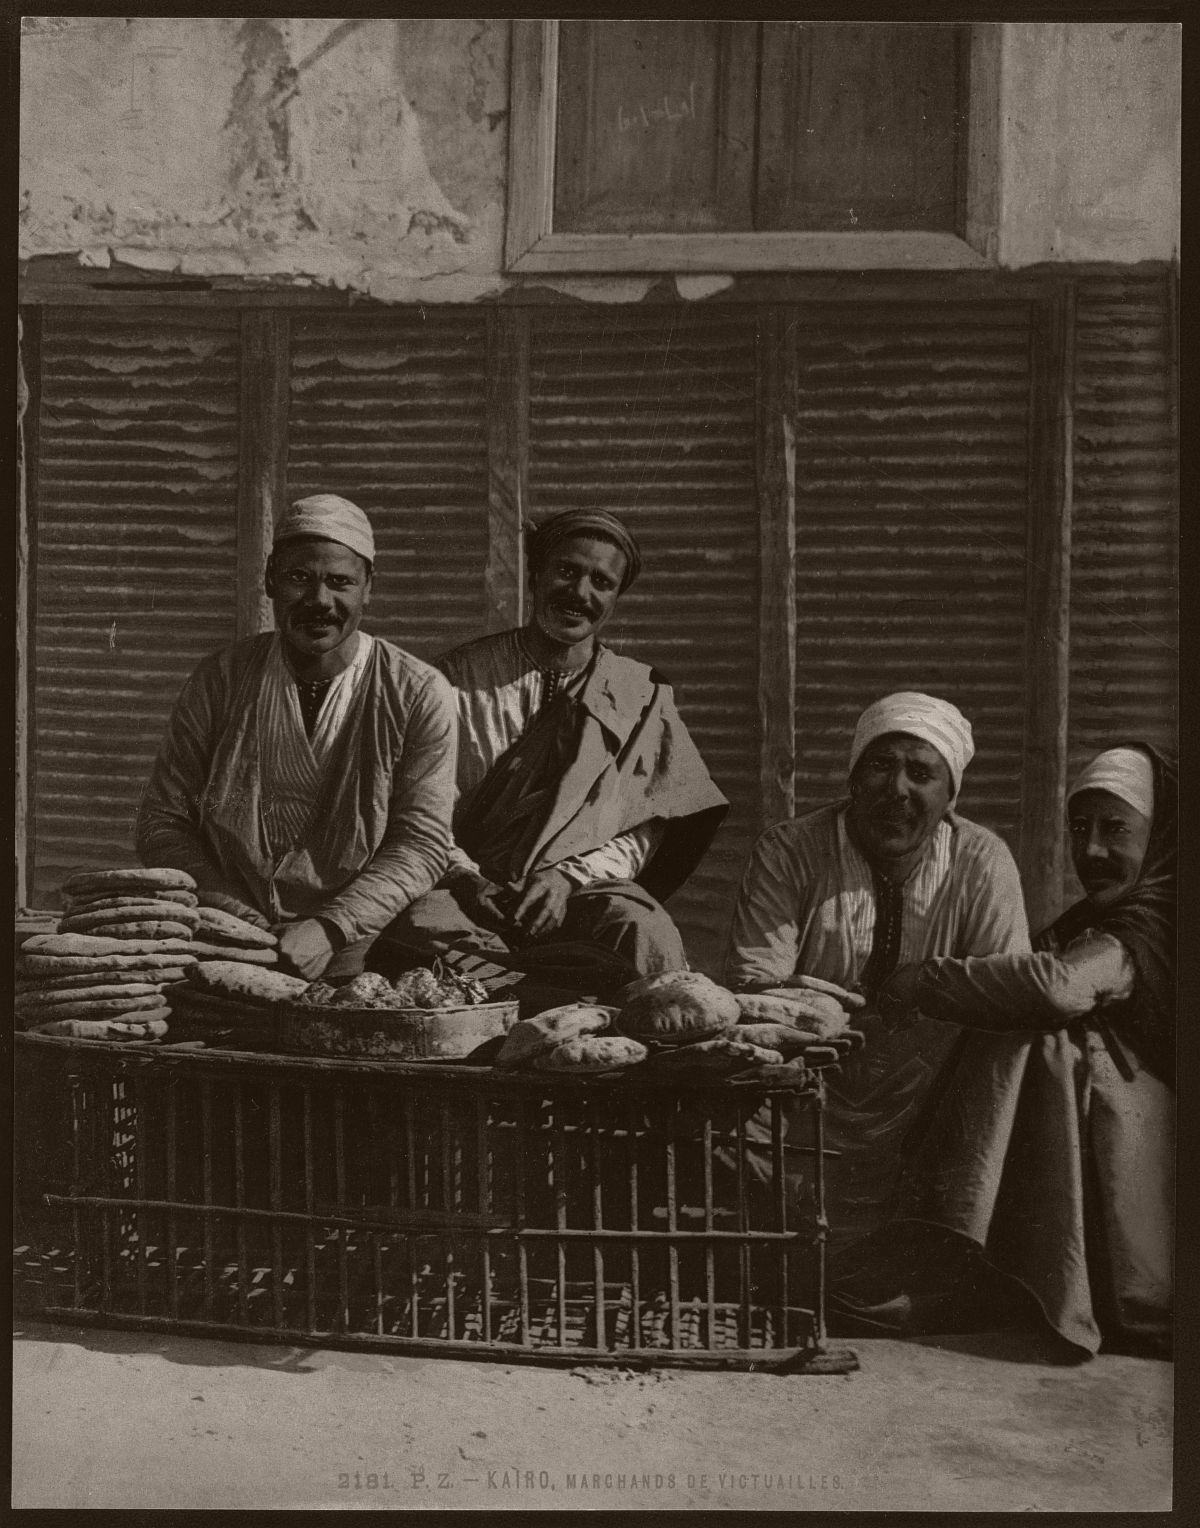 Kairo, marchands de victuailles